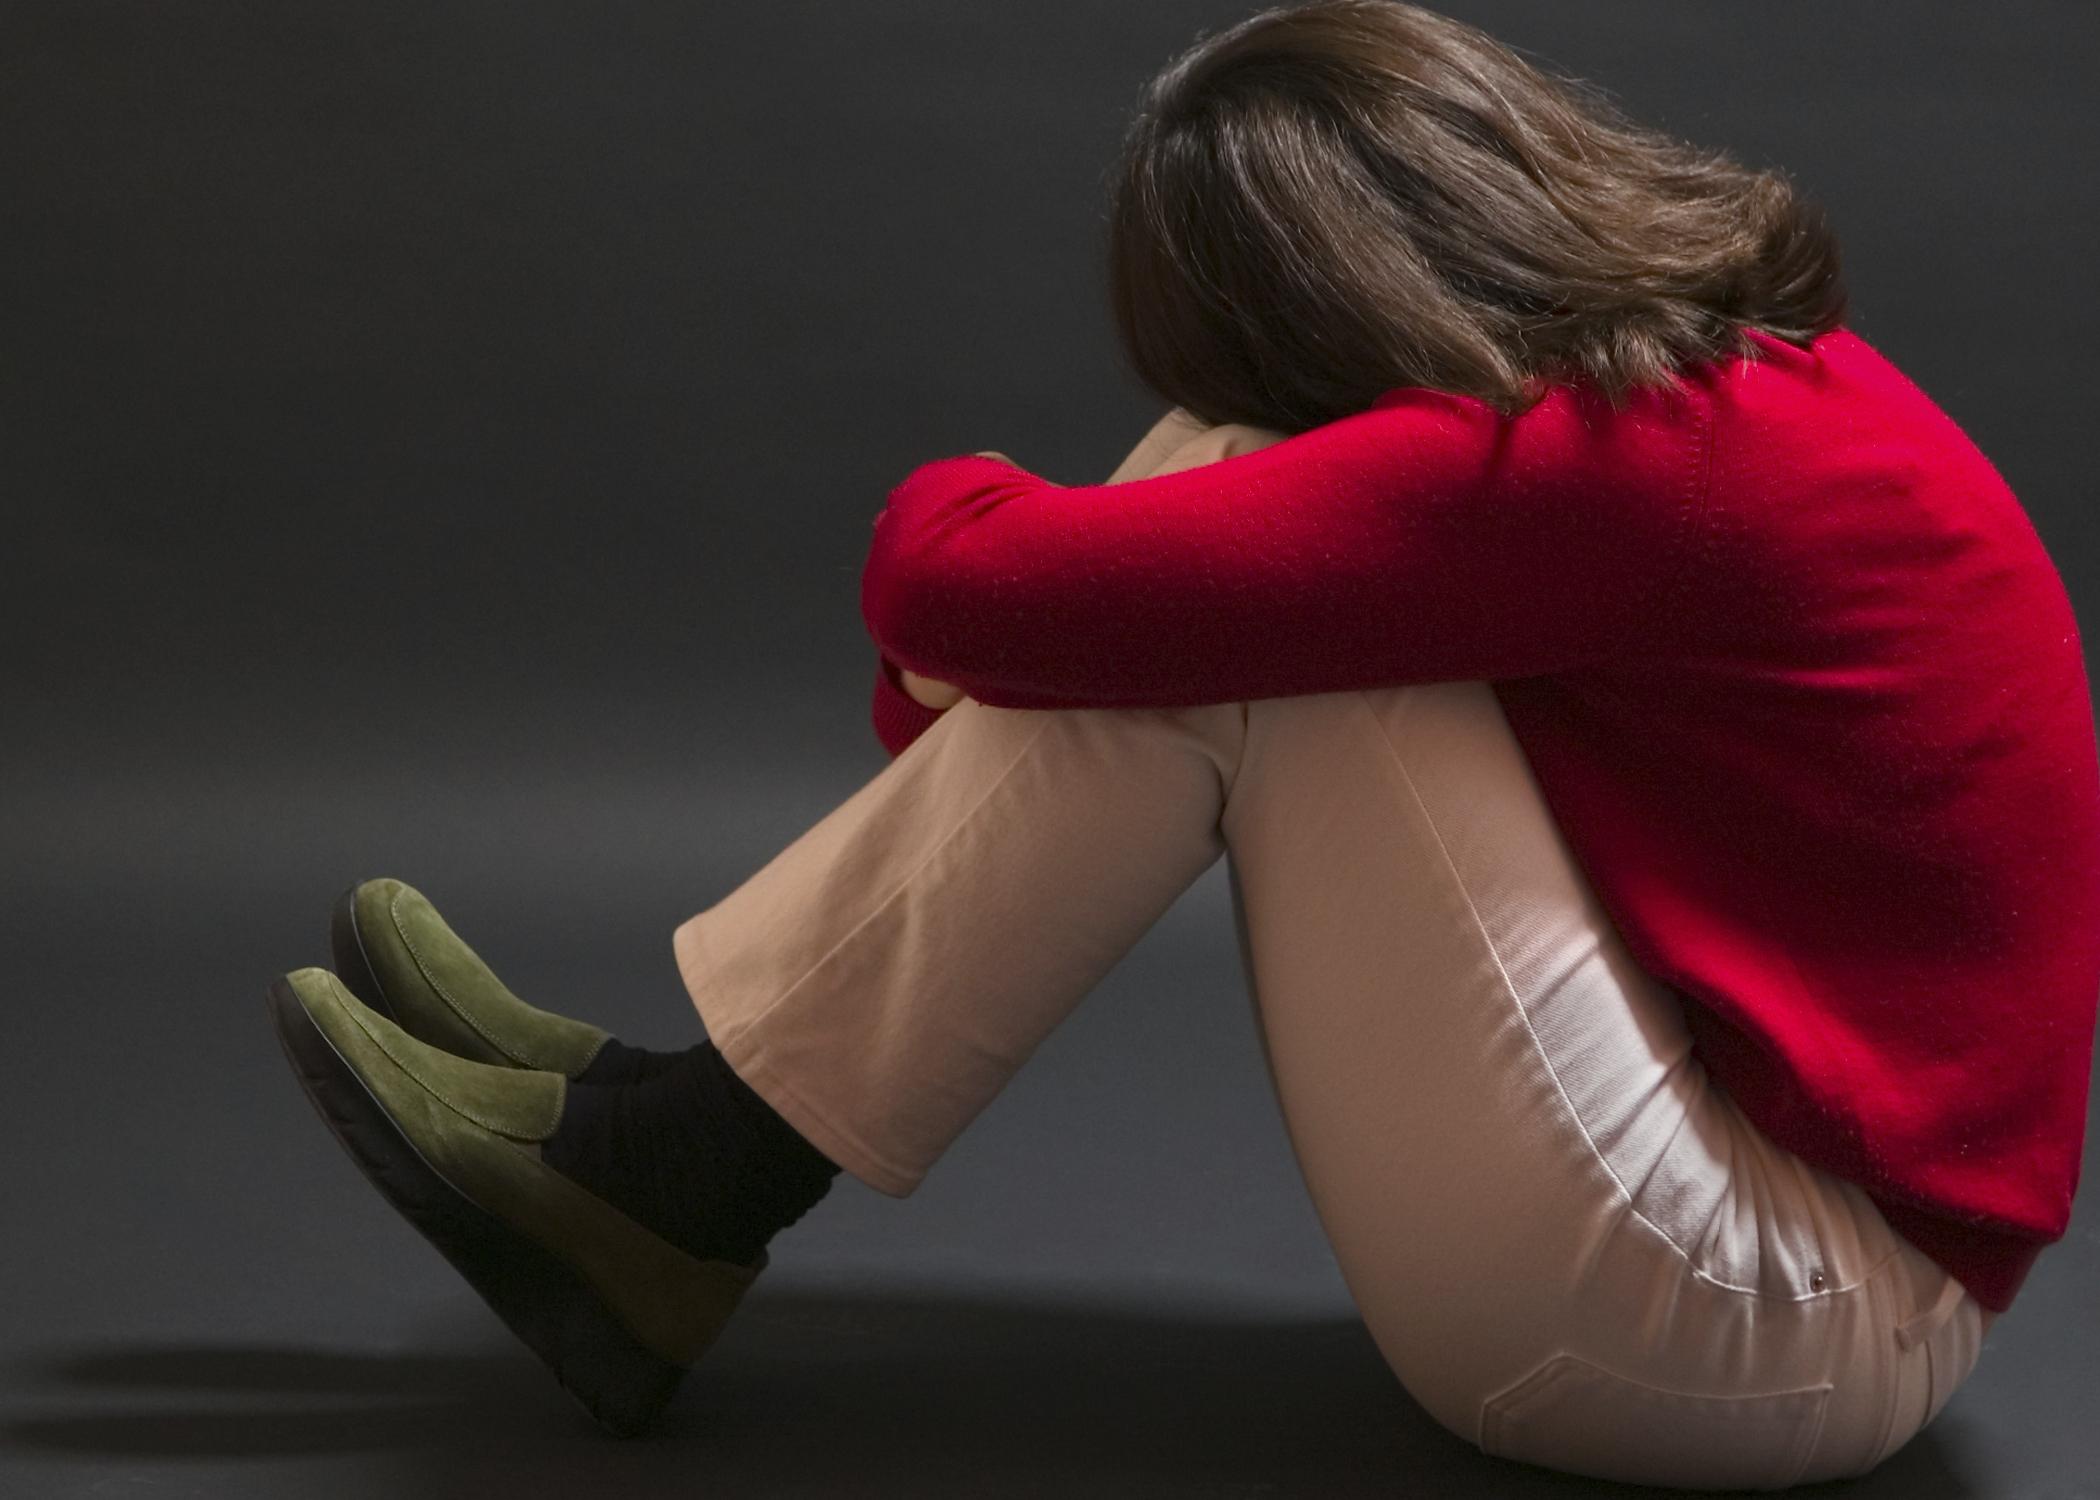 групповое изнасилование малолеток